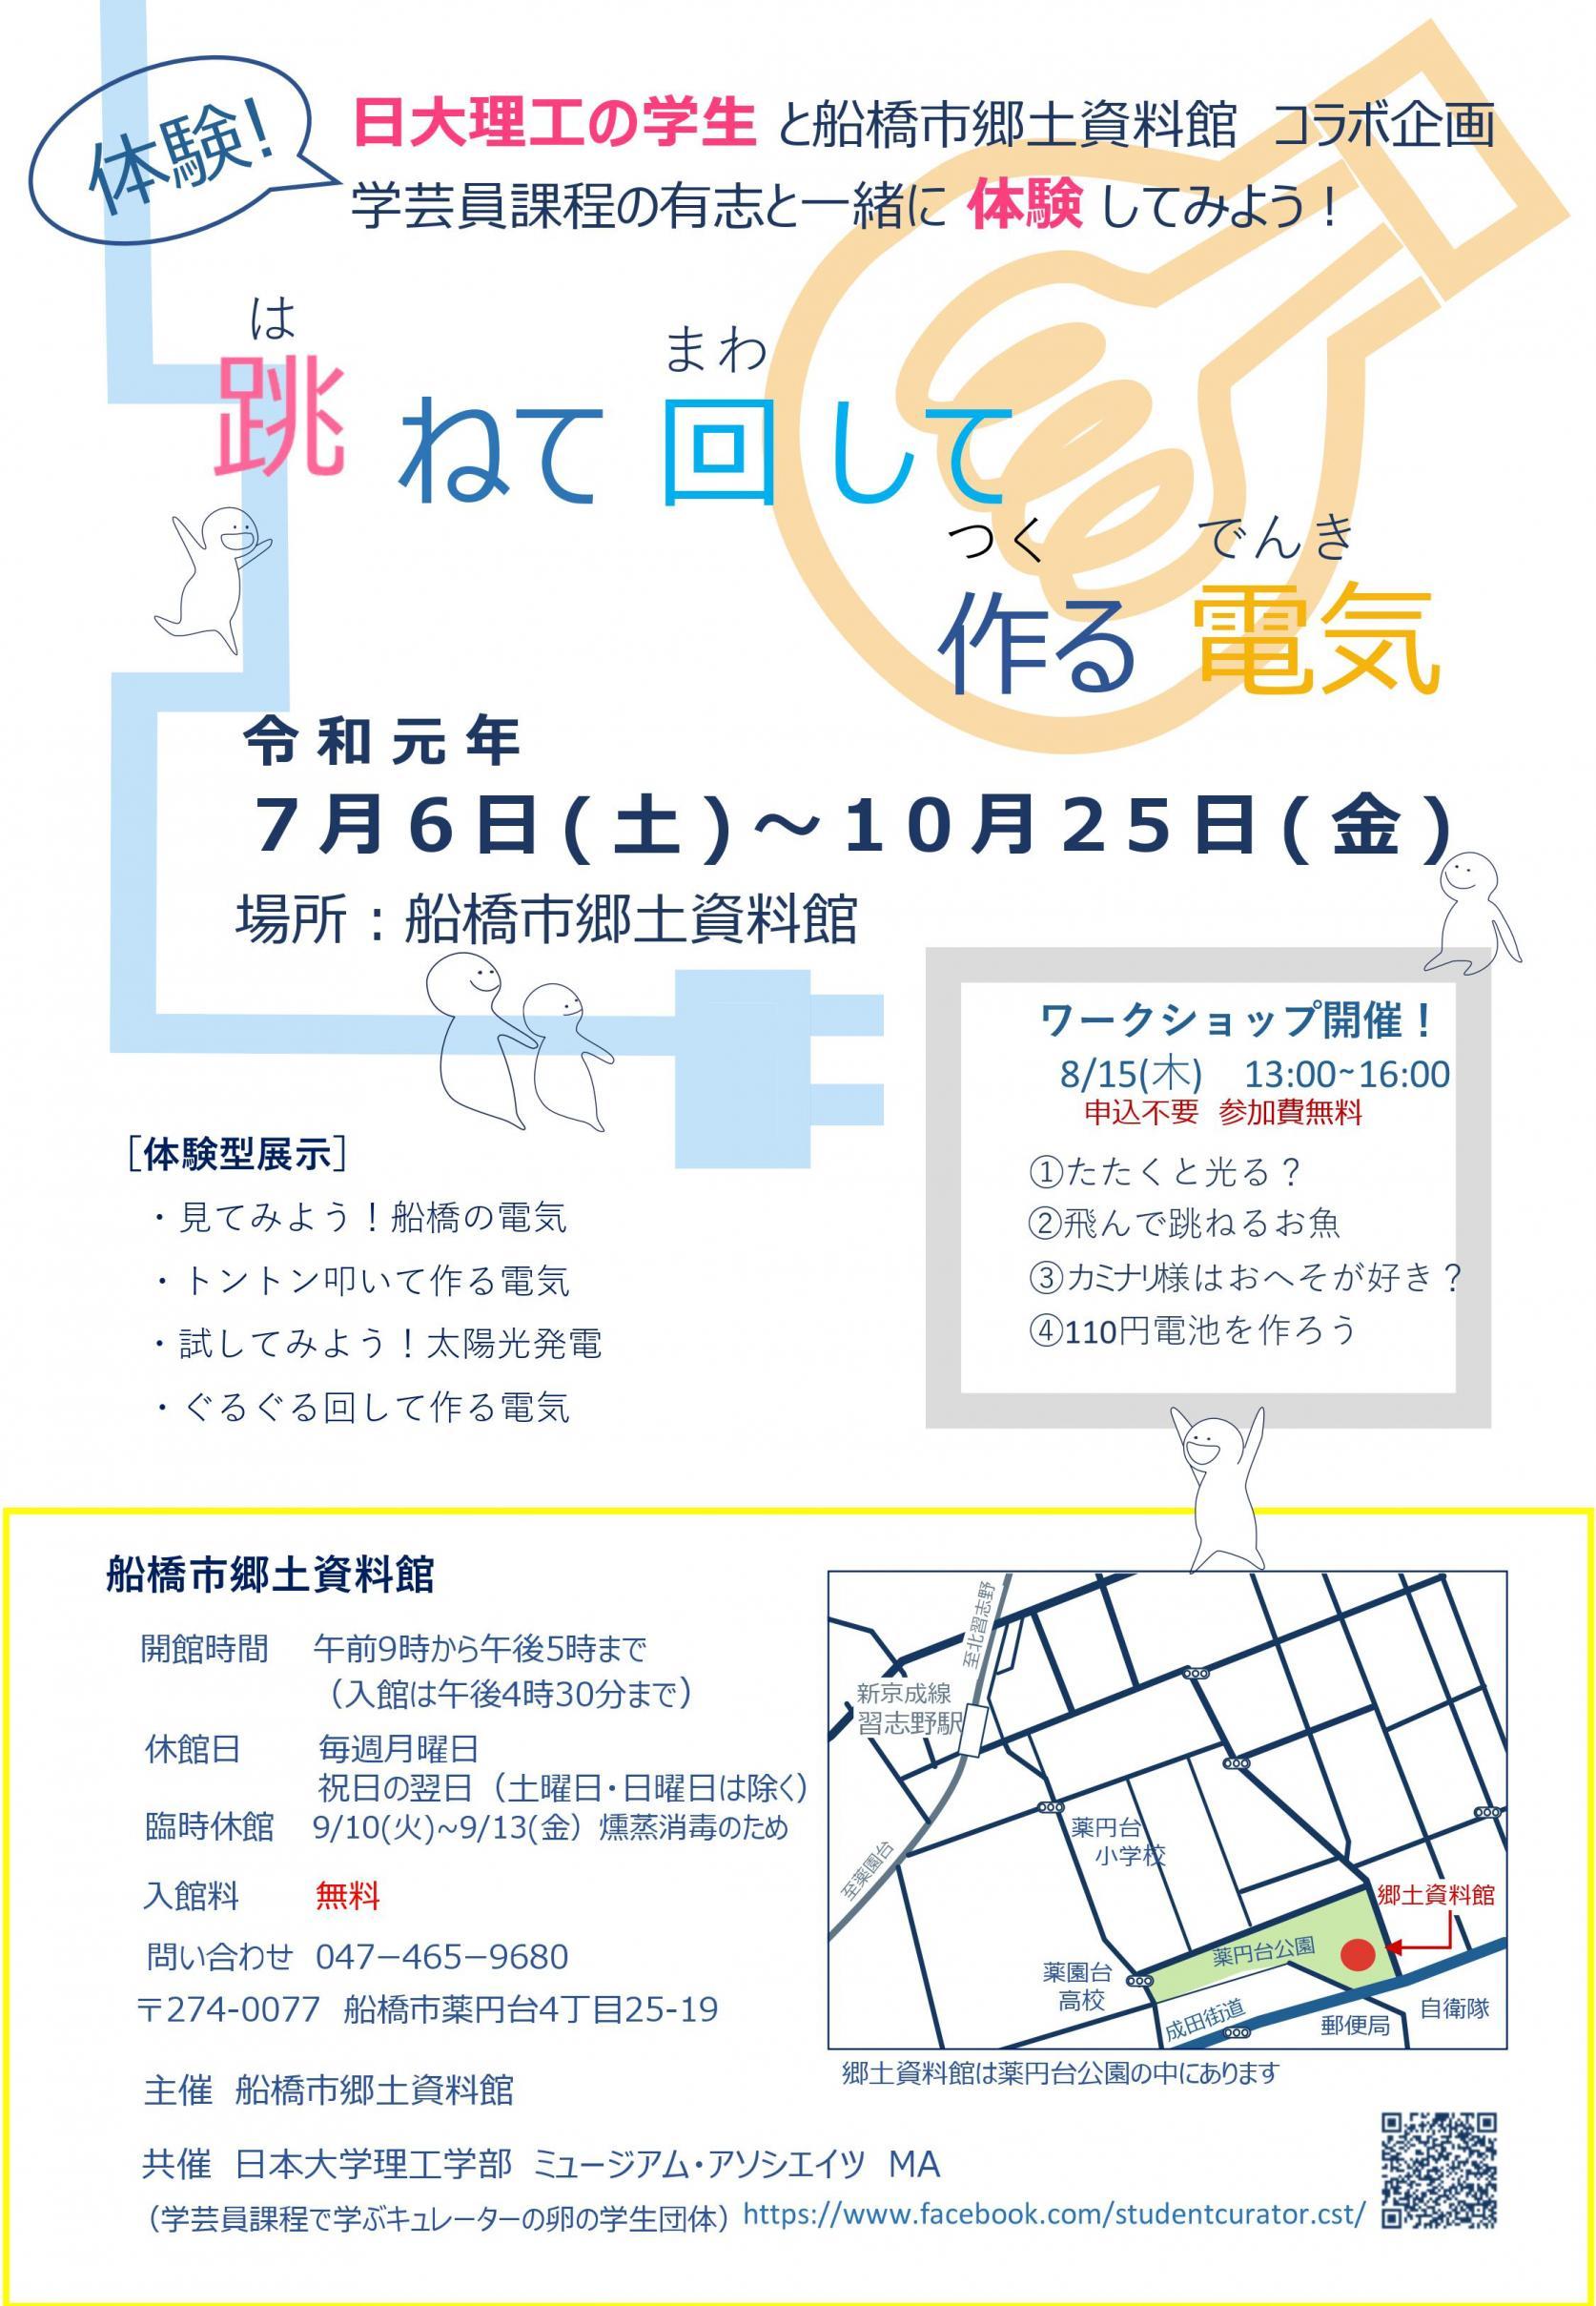 <8月15日(木):船橋市郷土資料館にてワークショップ開催>日本大学理工学部学芸員課程有志と一緒に体験!体験型展示「跳ねて回して作る電気」の中でワークショップを開催します。